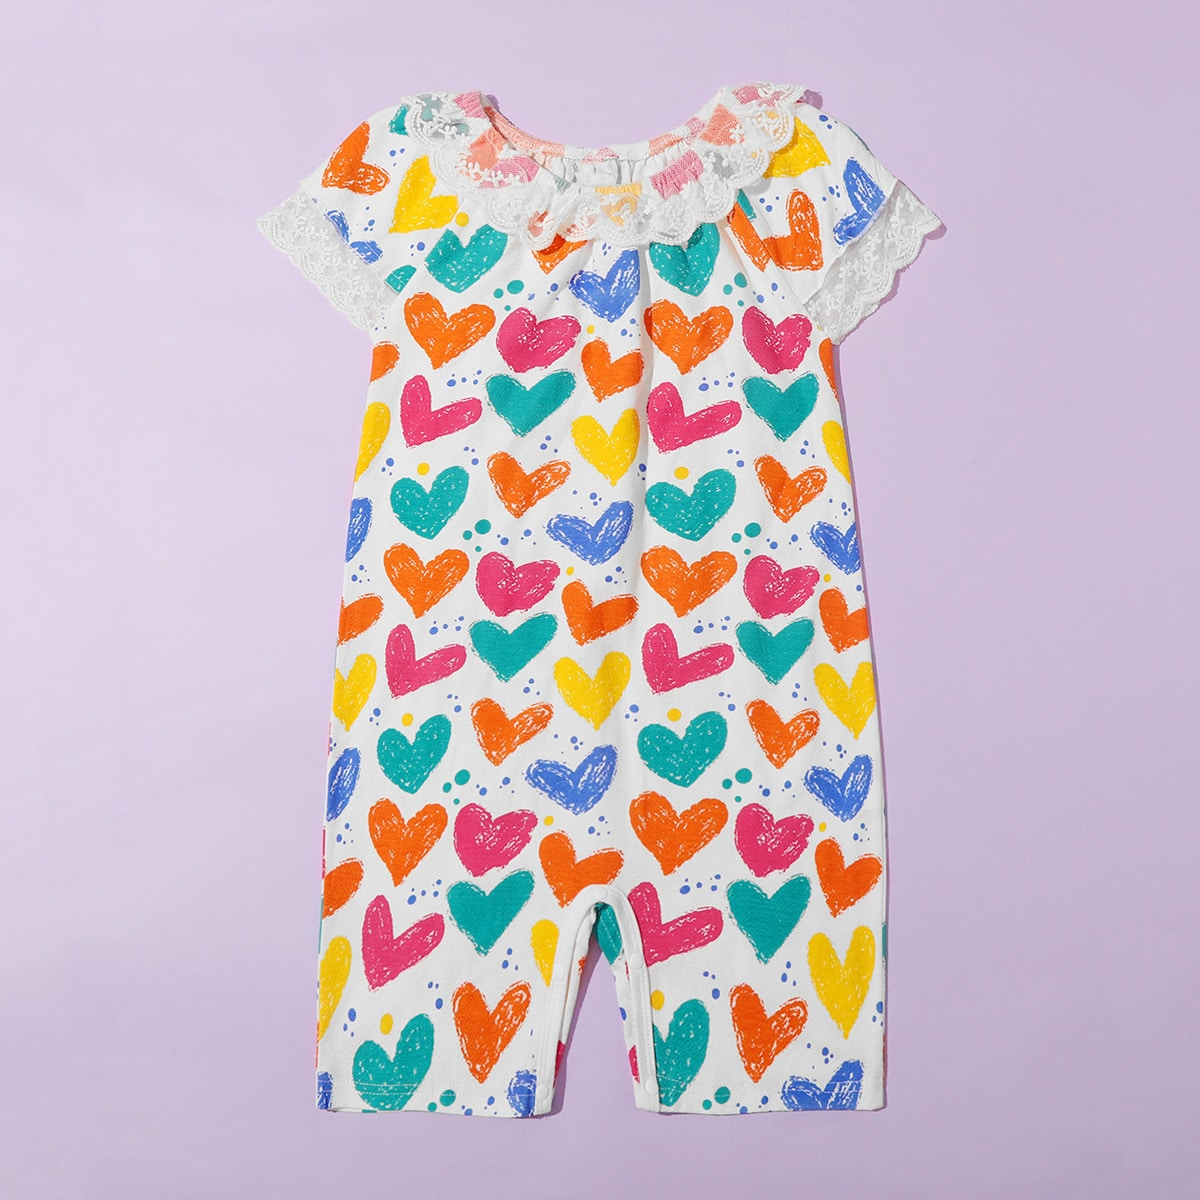 многоцветный Контрастные кружева Сердечко милый Домашняя одежда для девочек от SHEIN